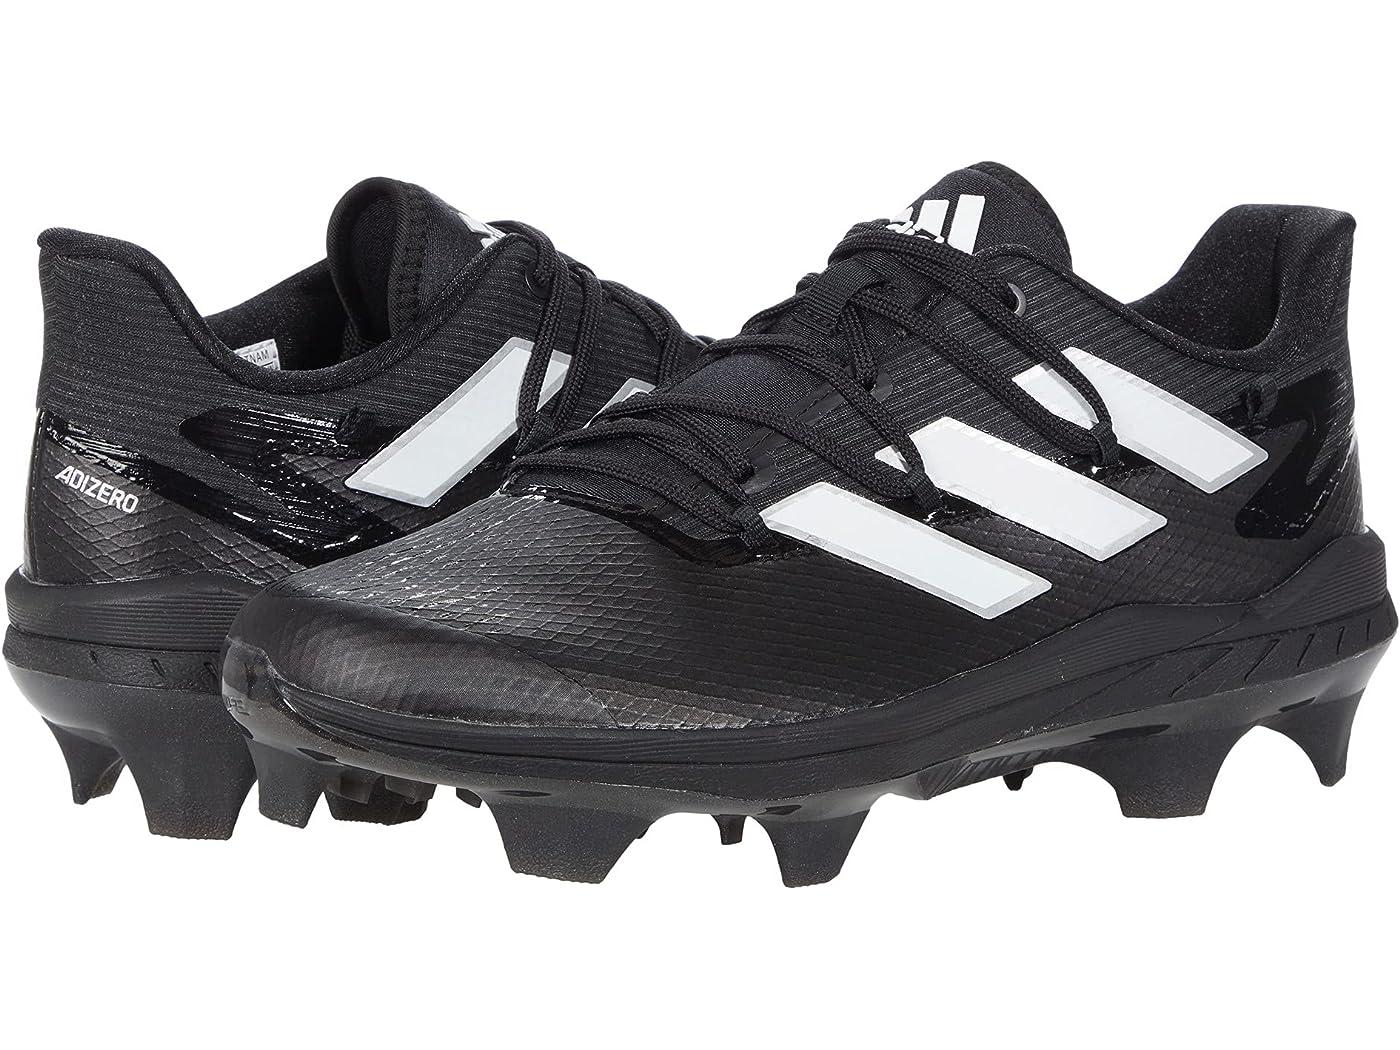 Adidas Adizero Afterburner 8 Pro TPU Baseball Shoes